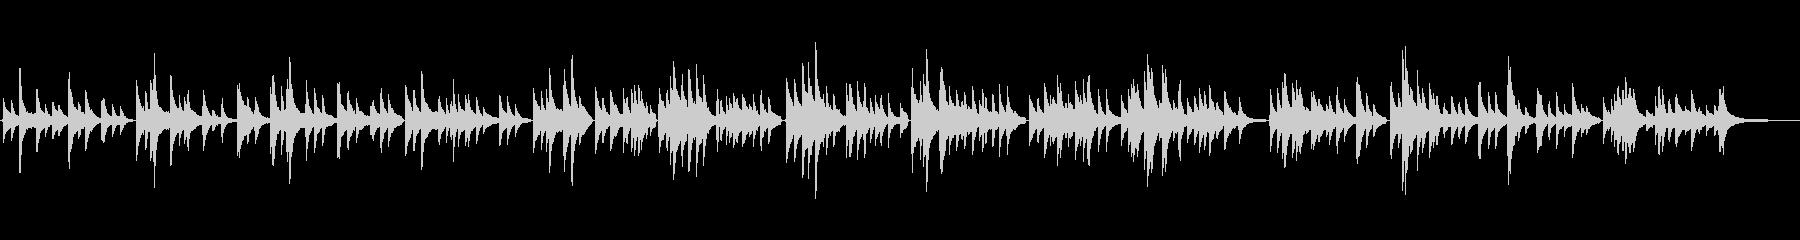 生ピアノソロ・不思議なゆったりした音楽の未再生の波形